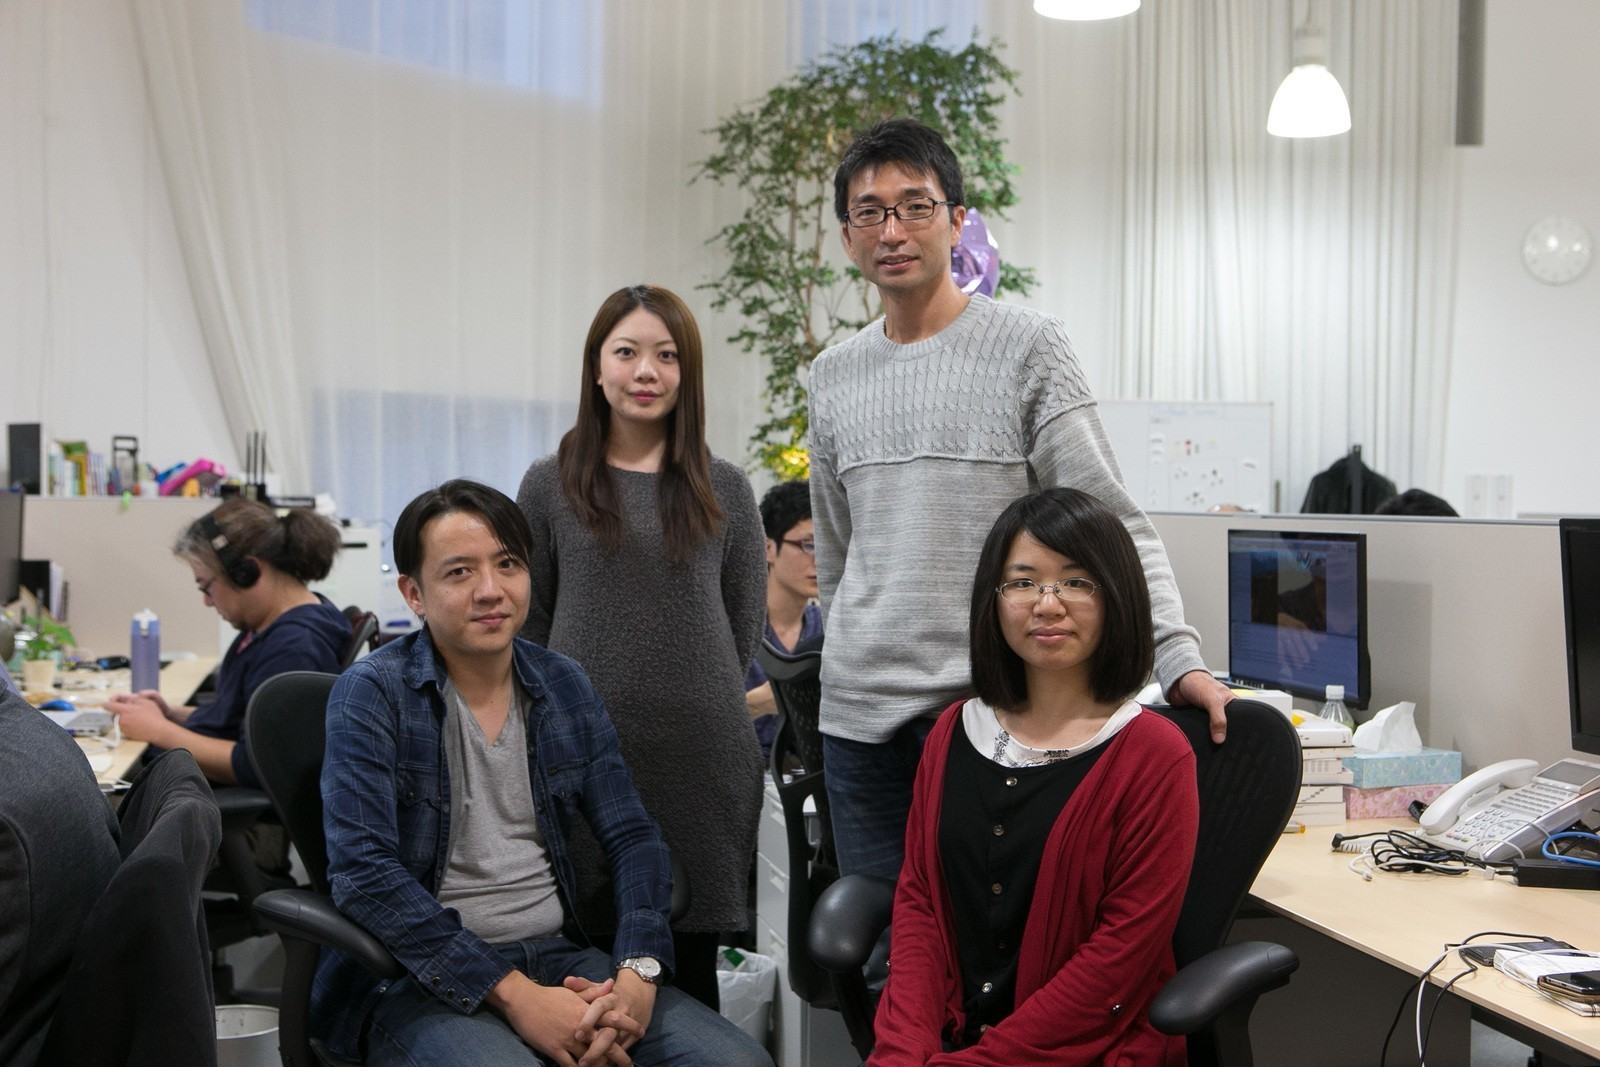 3Dアクションゲーム(新規タイトル)を開発するサーバーエンジニアを募集!